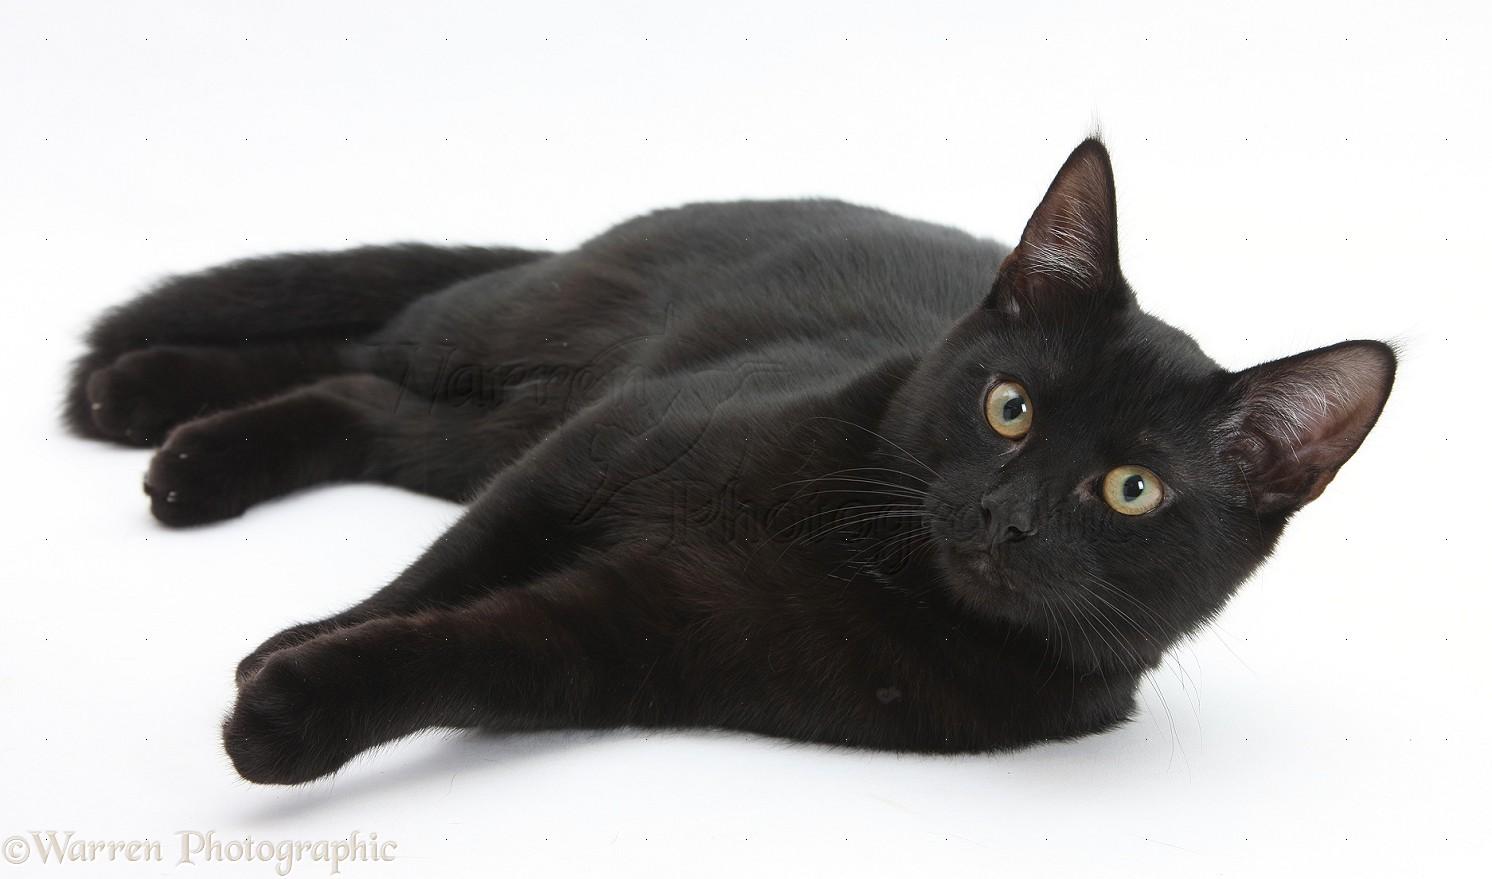 Hasil gambar untuk black cat